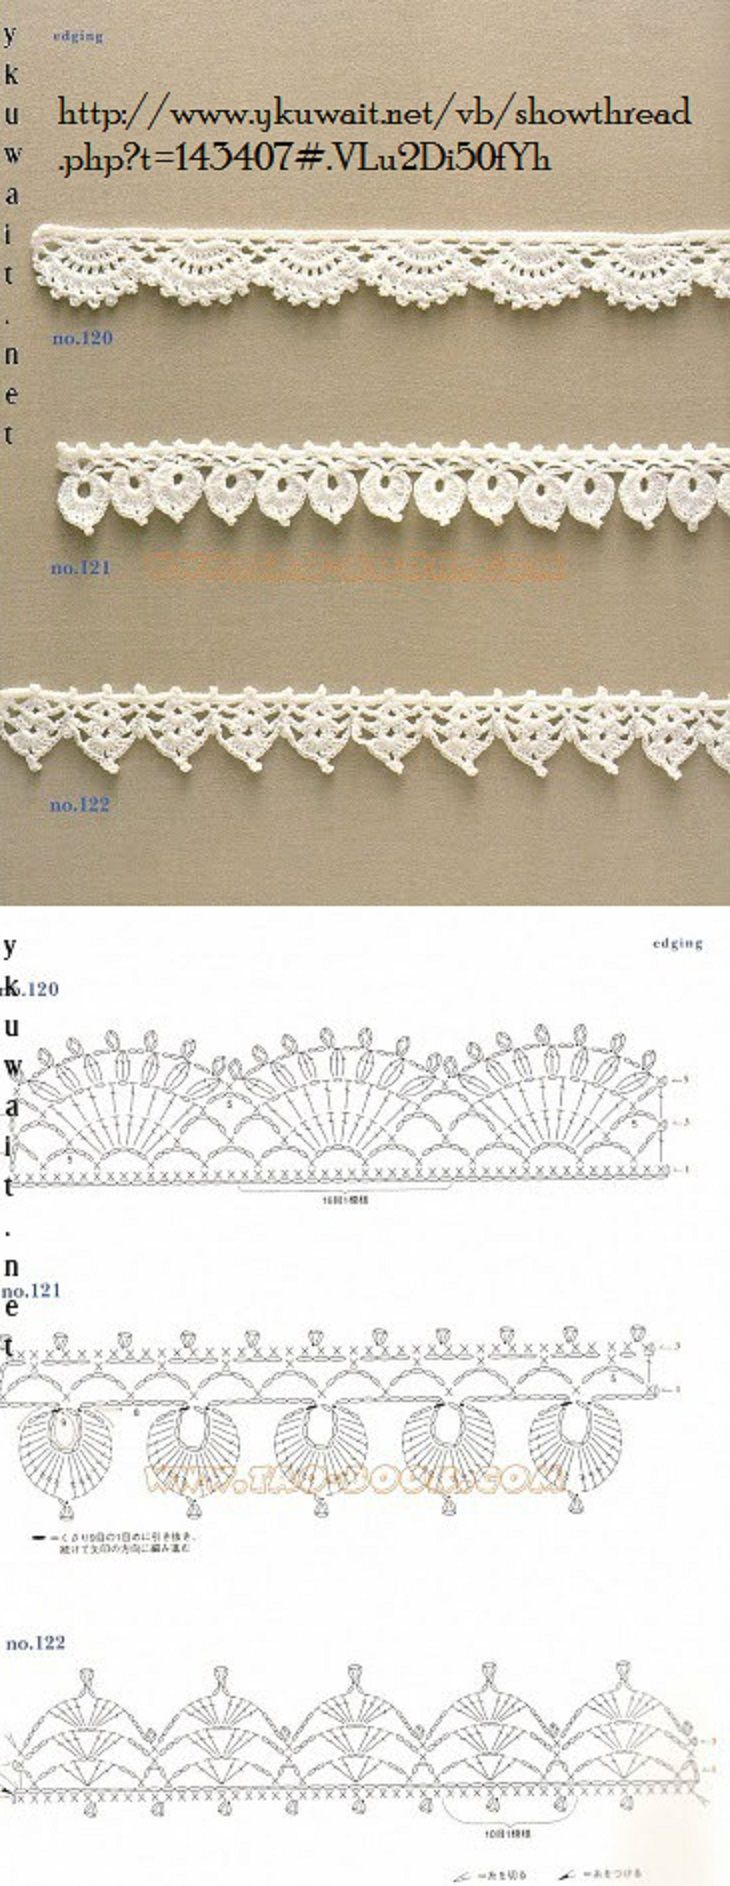 Crochet Lace Edging Fun Crochet Croch